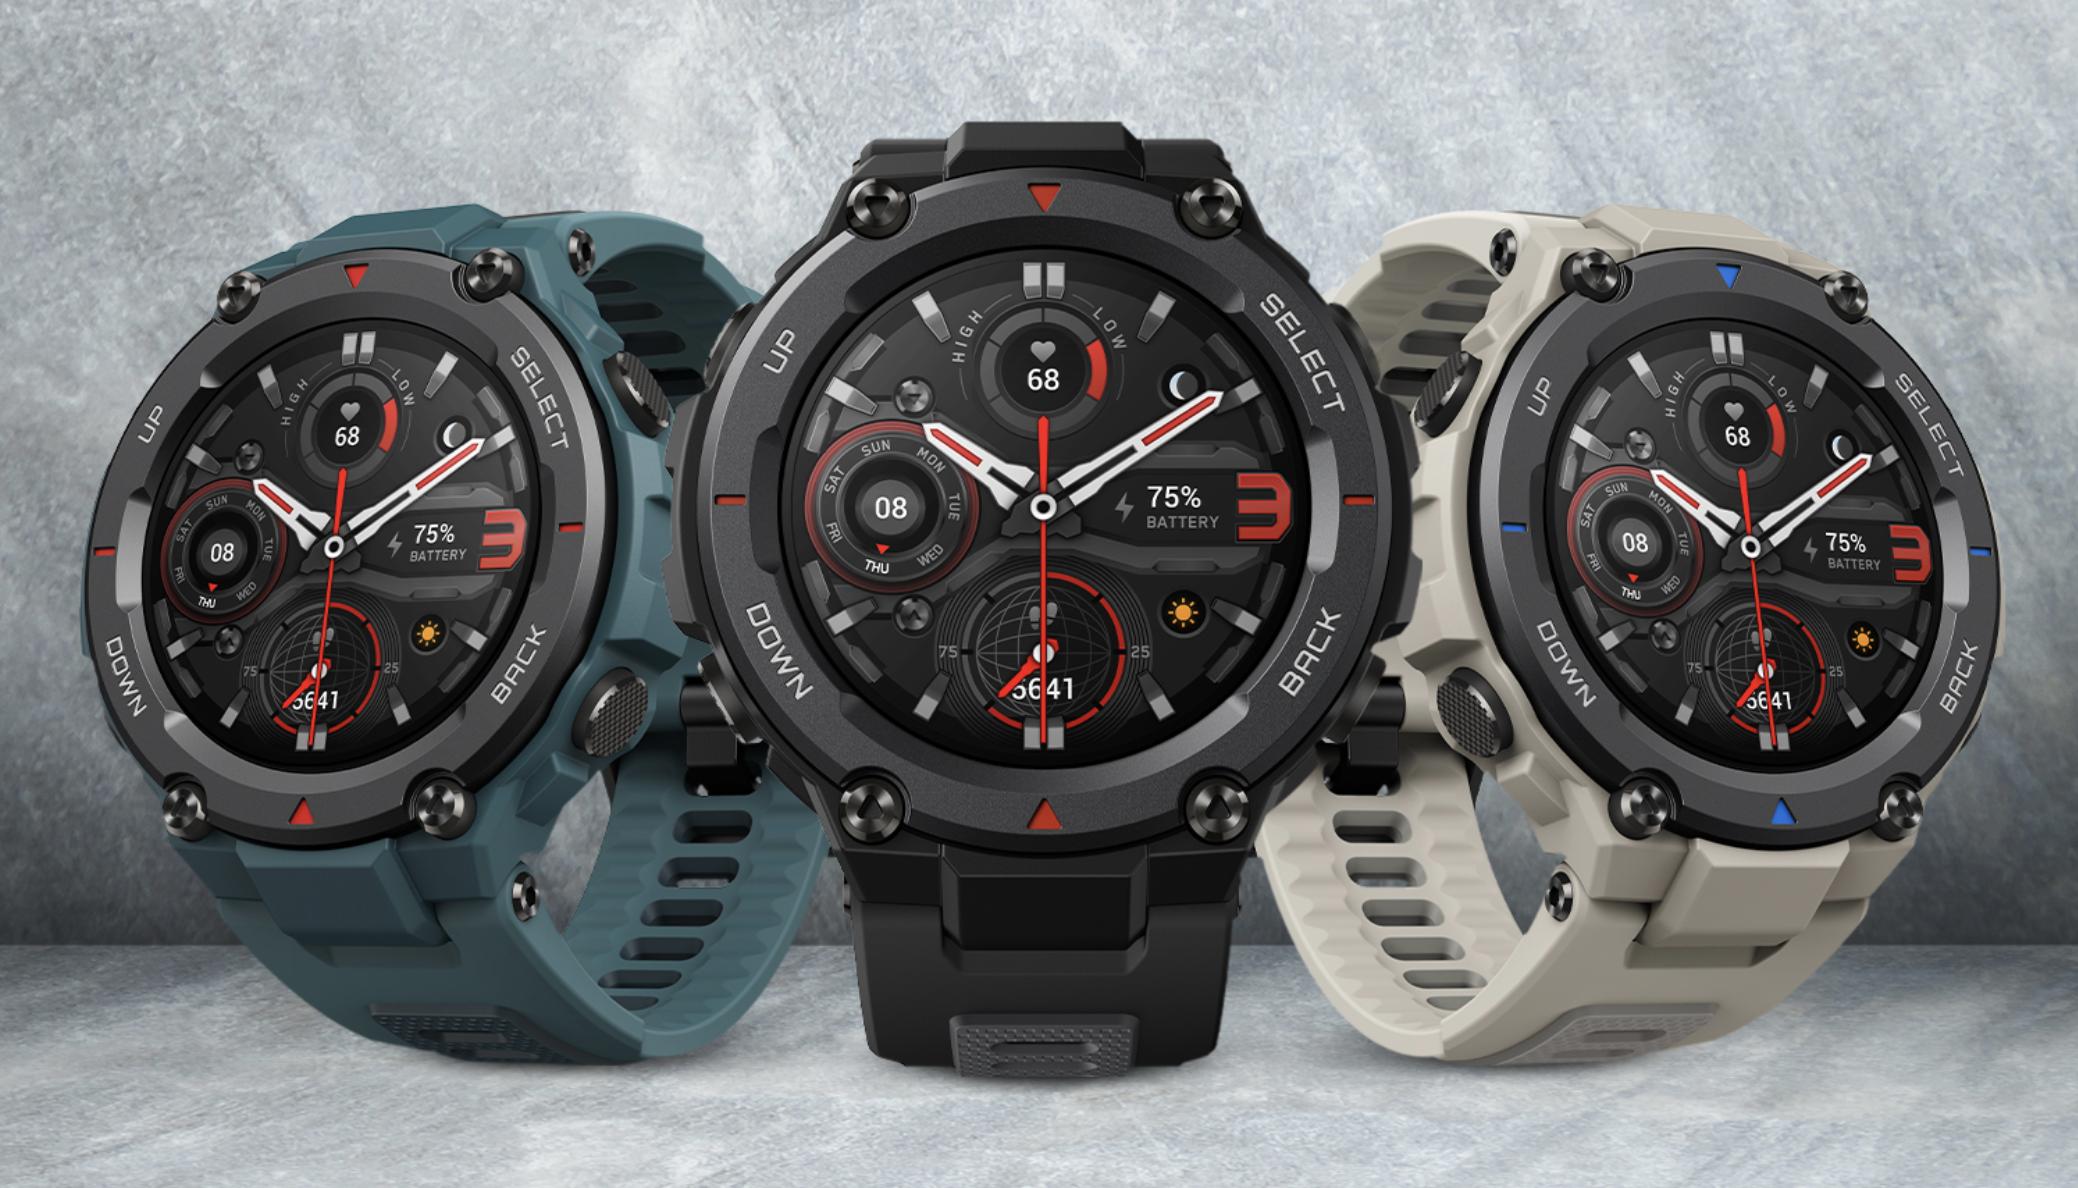 T-Rex Pro thích hợp cho những người chơi thể thao chuyên nghiệp cần smartwatch có độ bền cao.